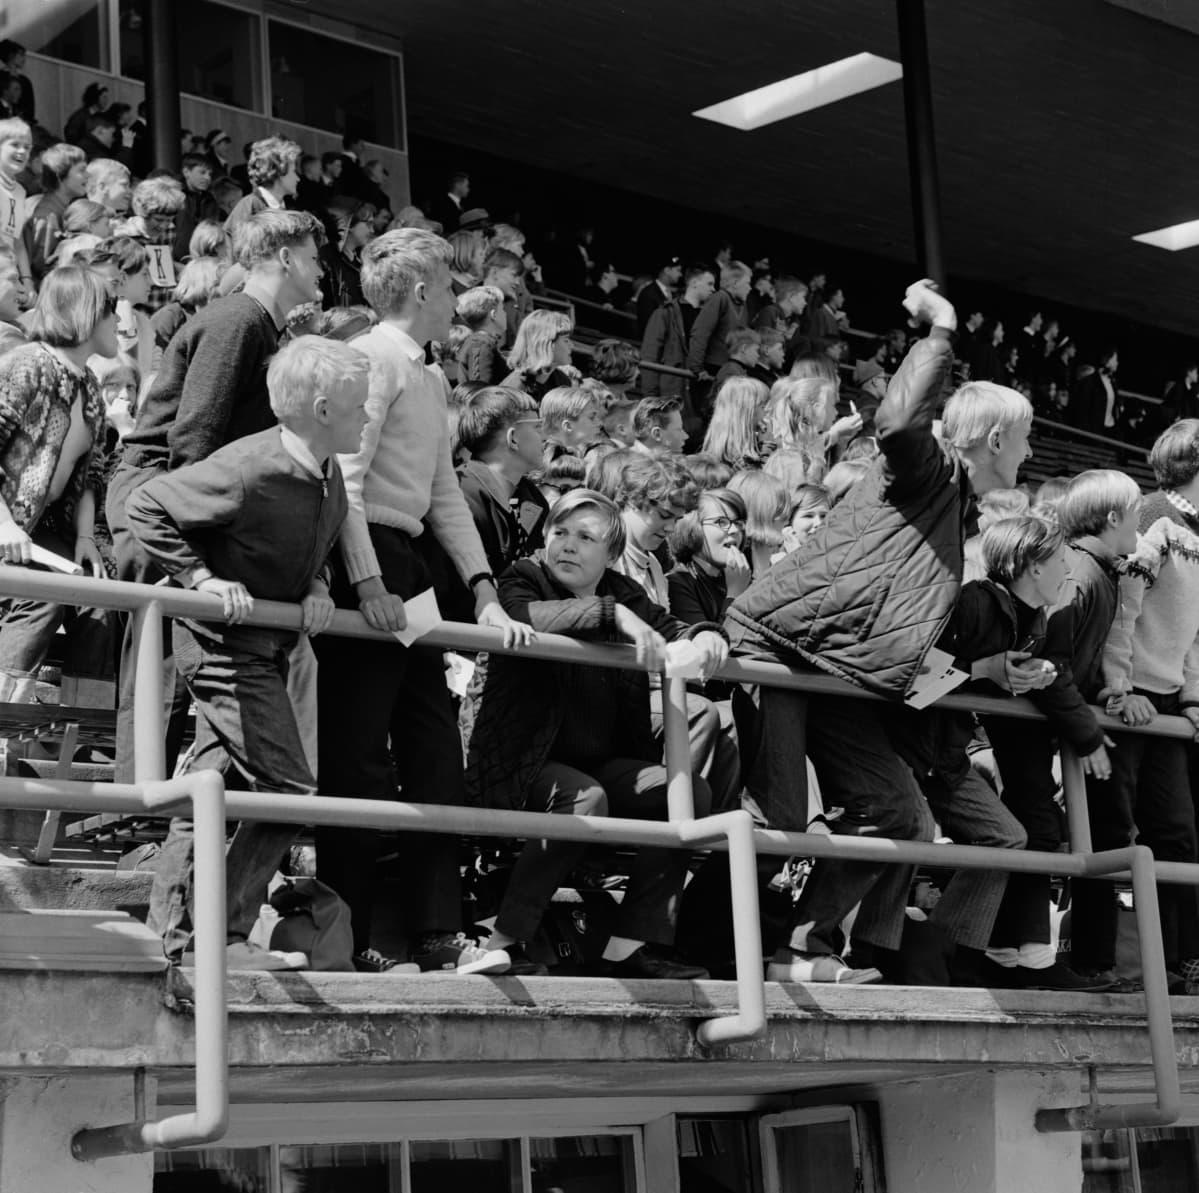 Yleisöä koululaisten viestijuoksukilpialussa Olympiastadionilla vuonna 1955.